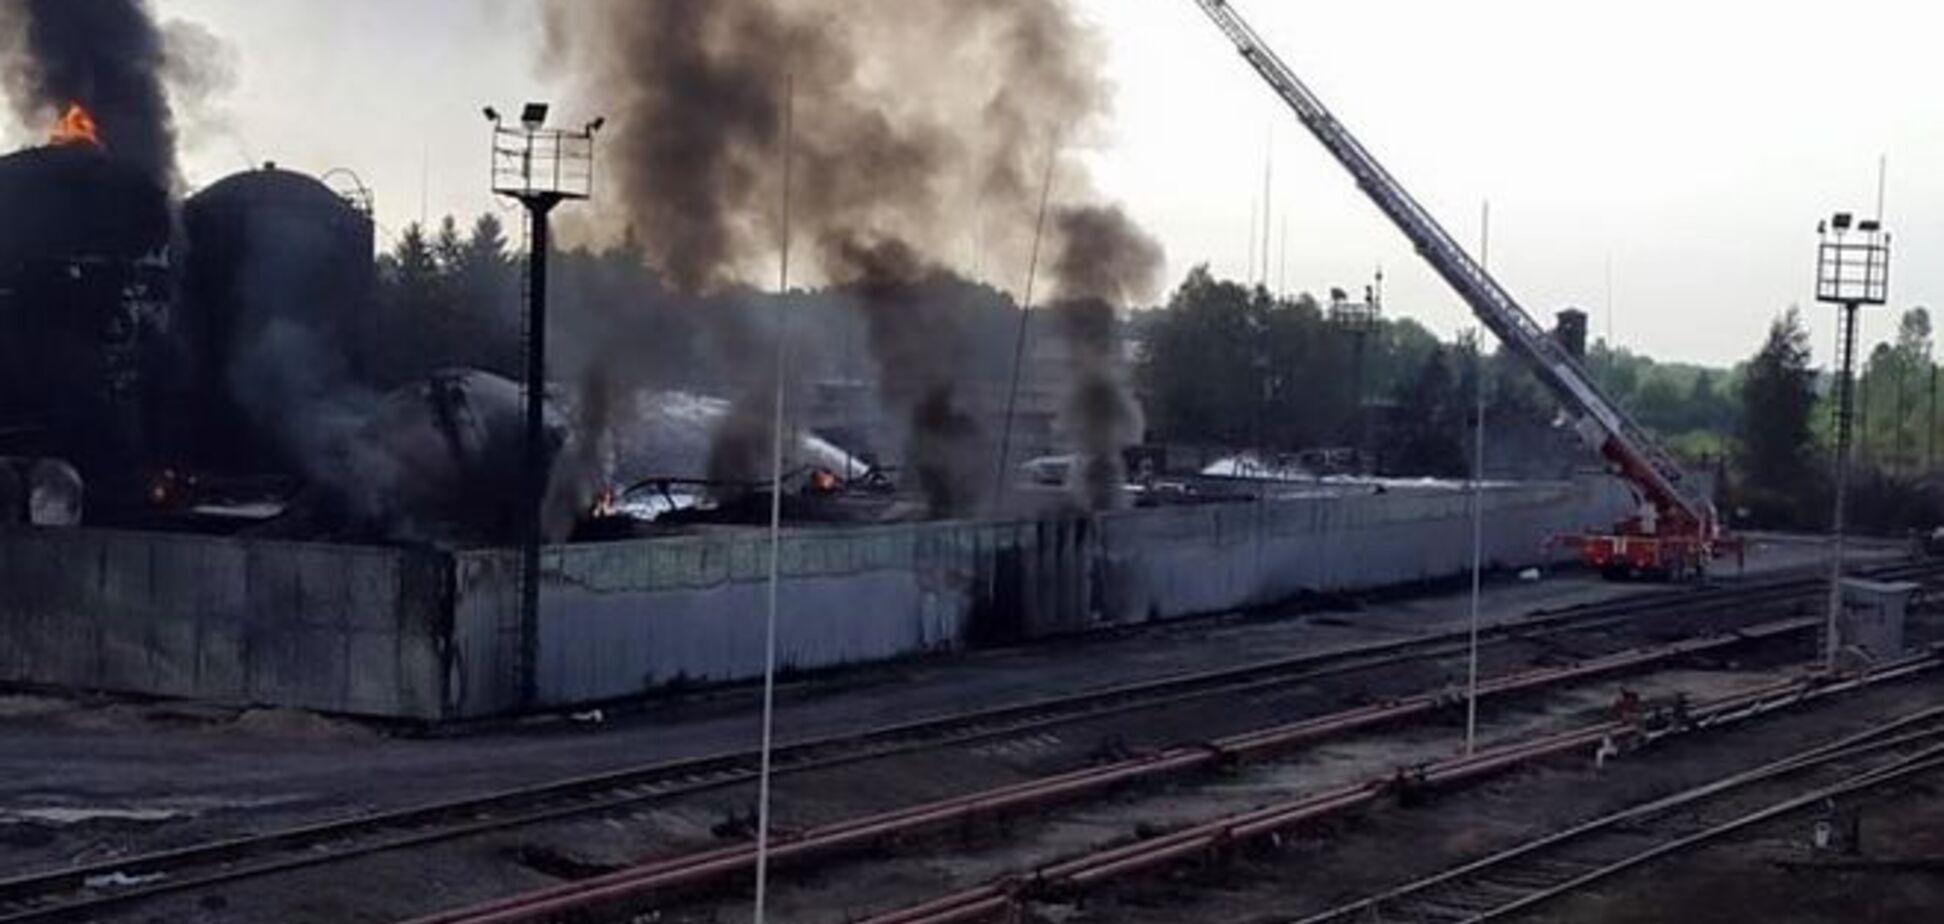 'БРСМ-Нафта' требует международной экспертизы для установления причин пожара на нефтебазе